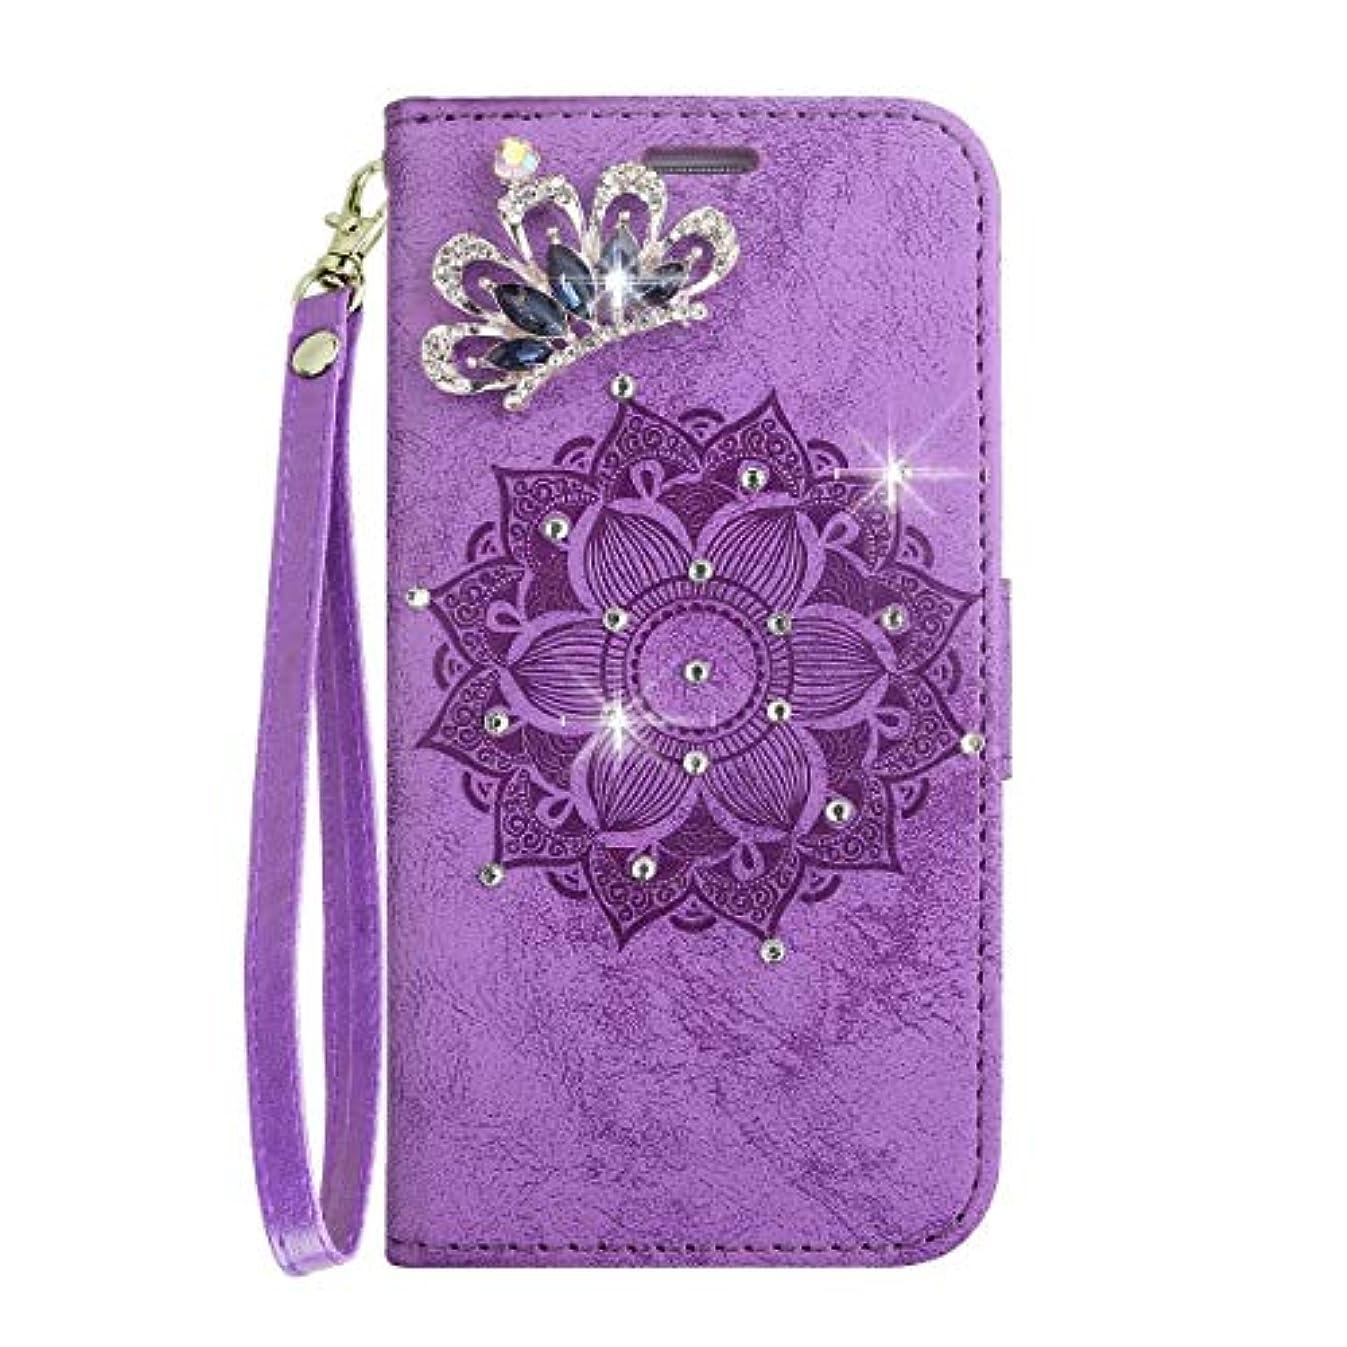 サルベージフルーティーマリンOMATENTI Huawei P Smart ケース, ファッション人気ダイヤモンドの輝きエンボスパターン PUレザー 落下防止 財布型カバー 付きカードホルダー Huawei P Smart 用,紫色